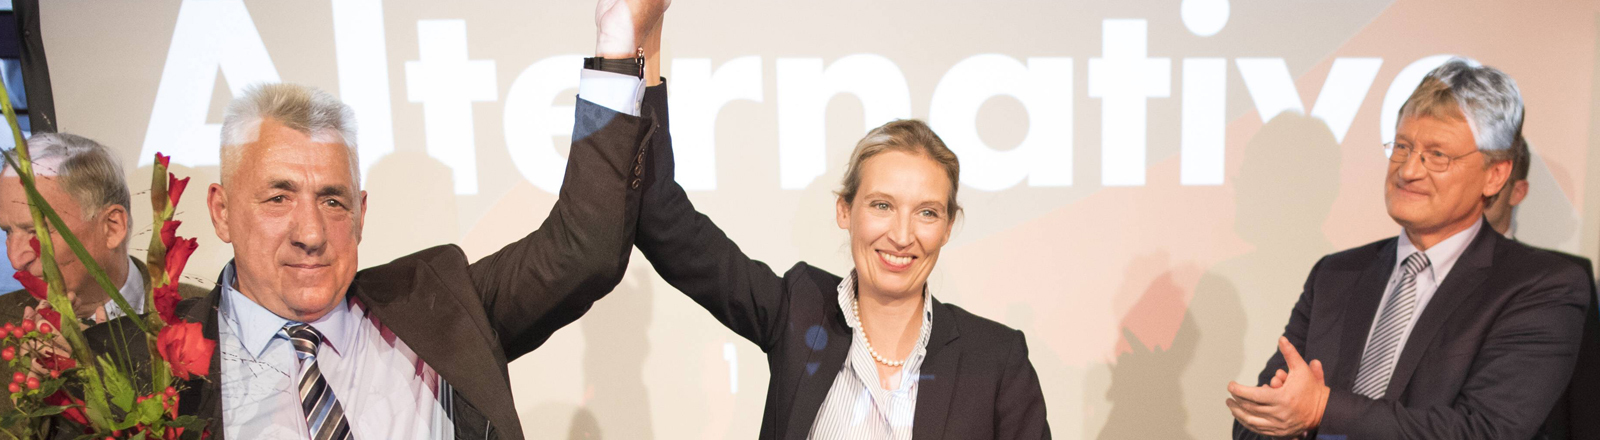 AfD Wahlparty: Alexander Gauland, Alice Weidel und Jörg Meuthen